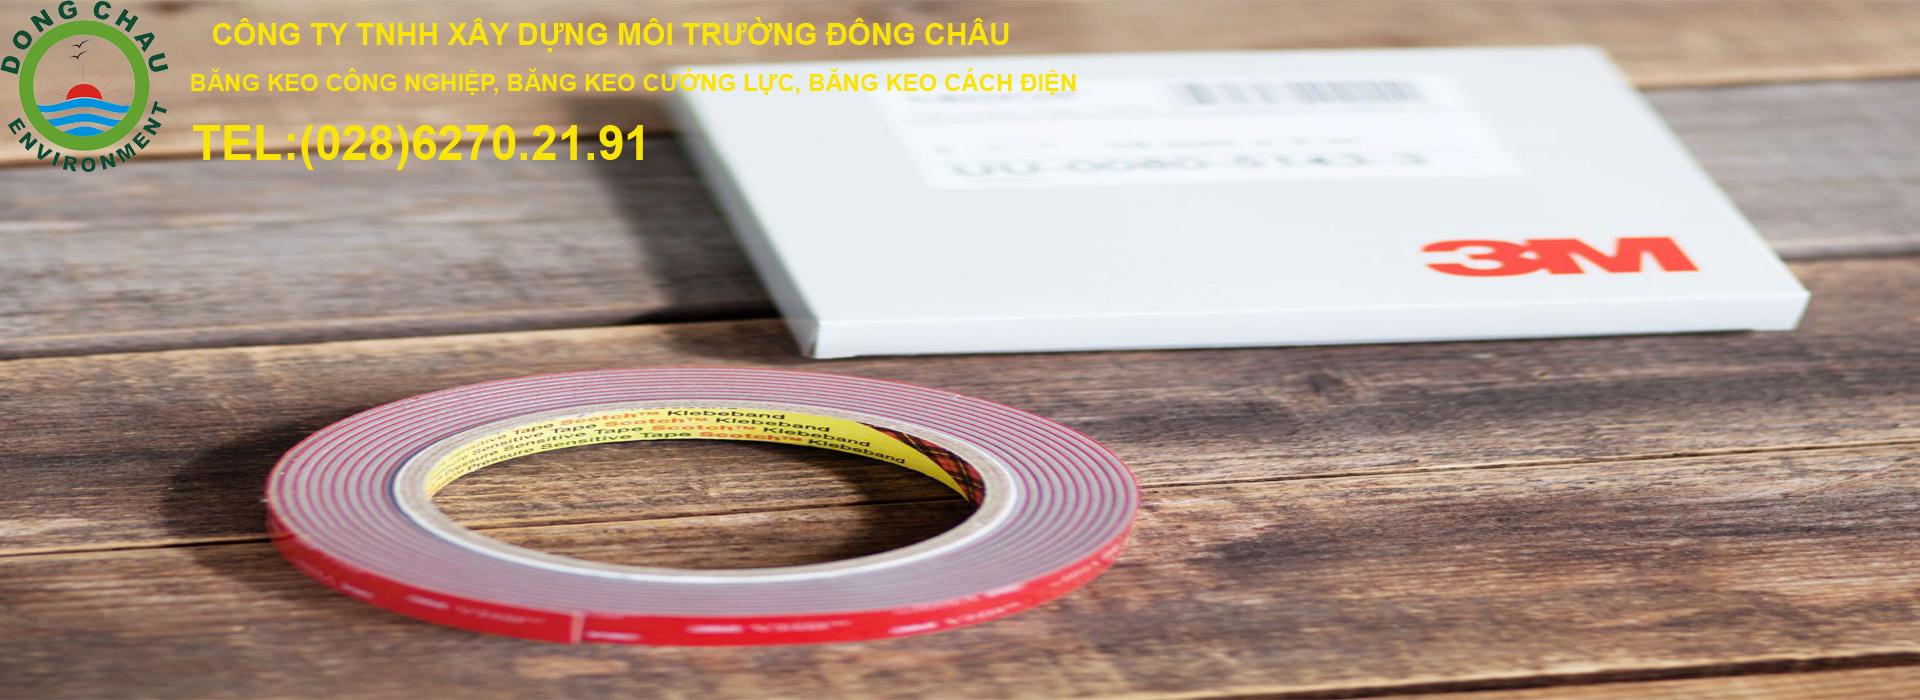 băng keo chuyên dụng, băng keo 3M, nitto, f-co tape nhật bản